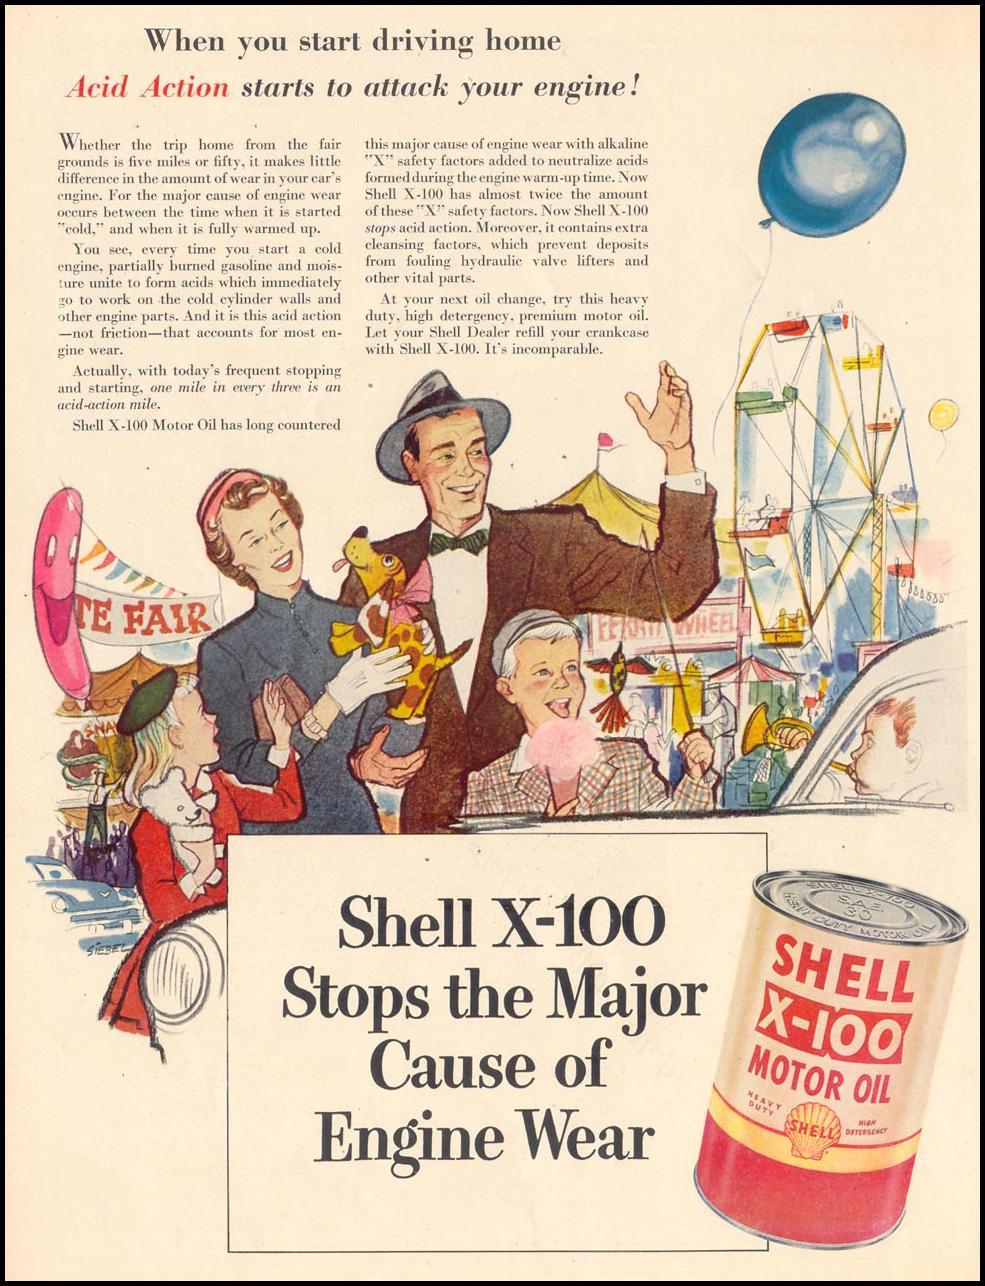 SHELL X-100 MOTOR OIL LIFE 10/19/1953 p. 84